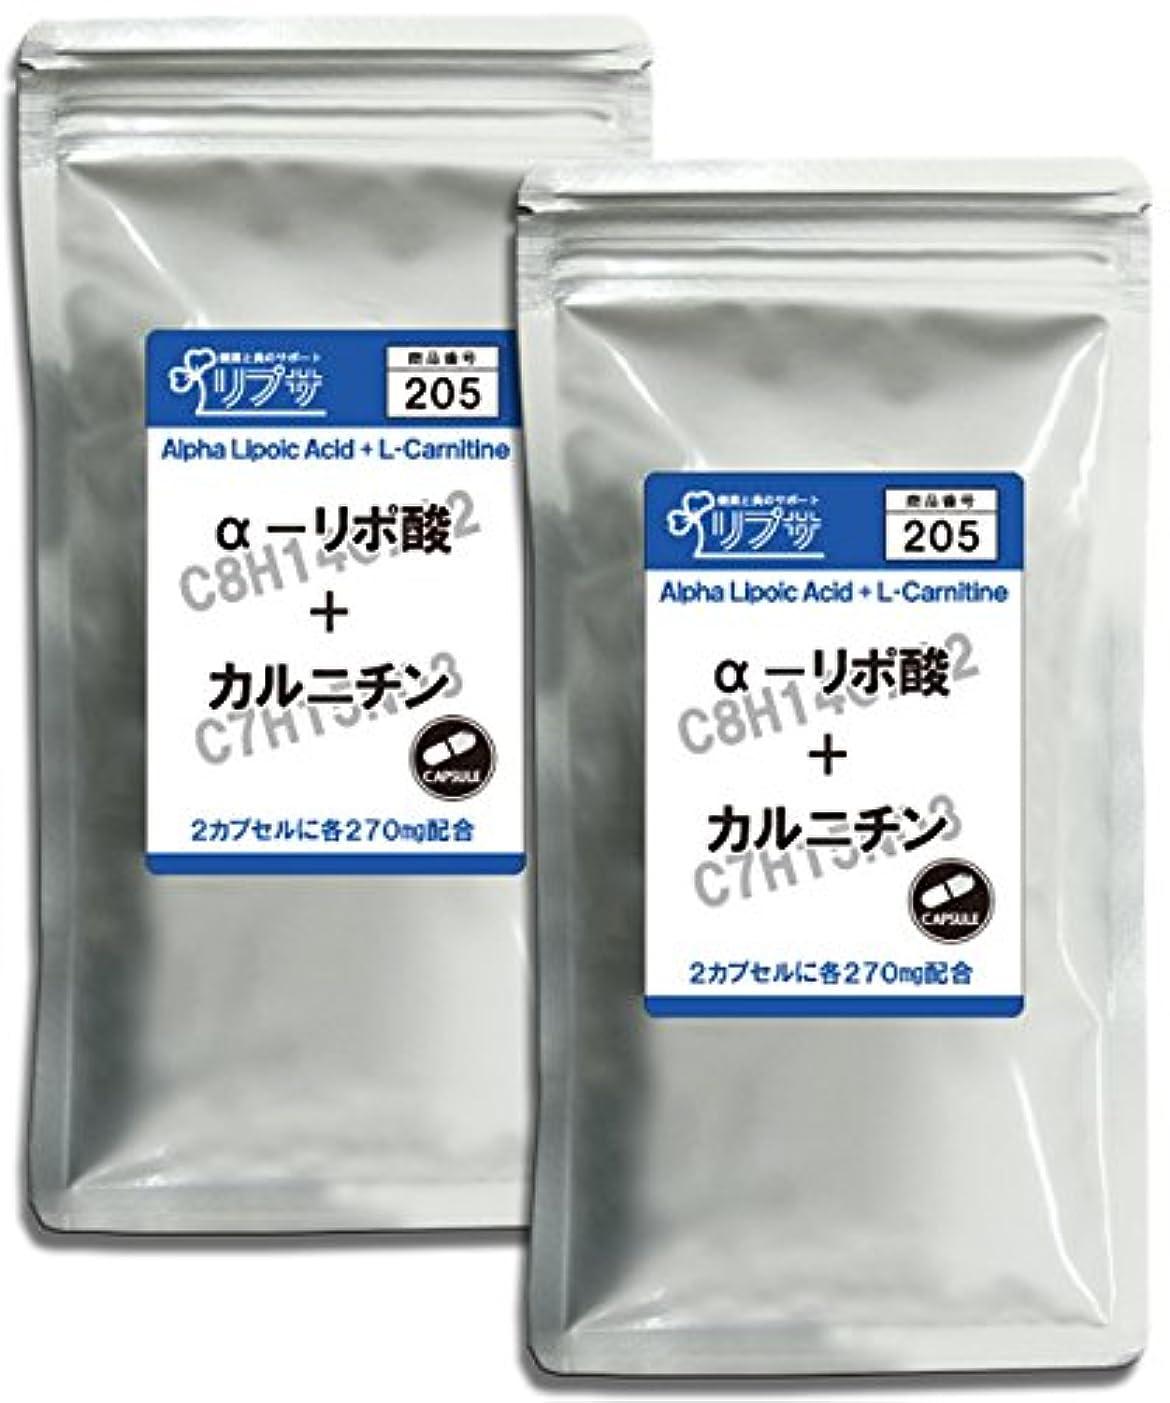 球状流定義アルファリポ酸+カルニチン 約3か月分×2袋 C-205-2